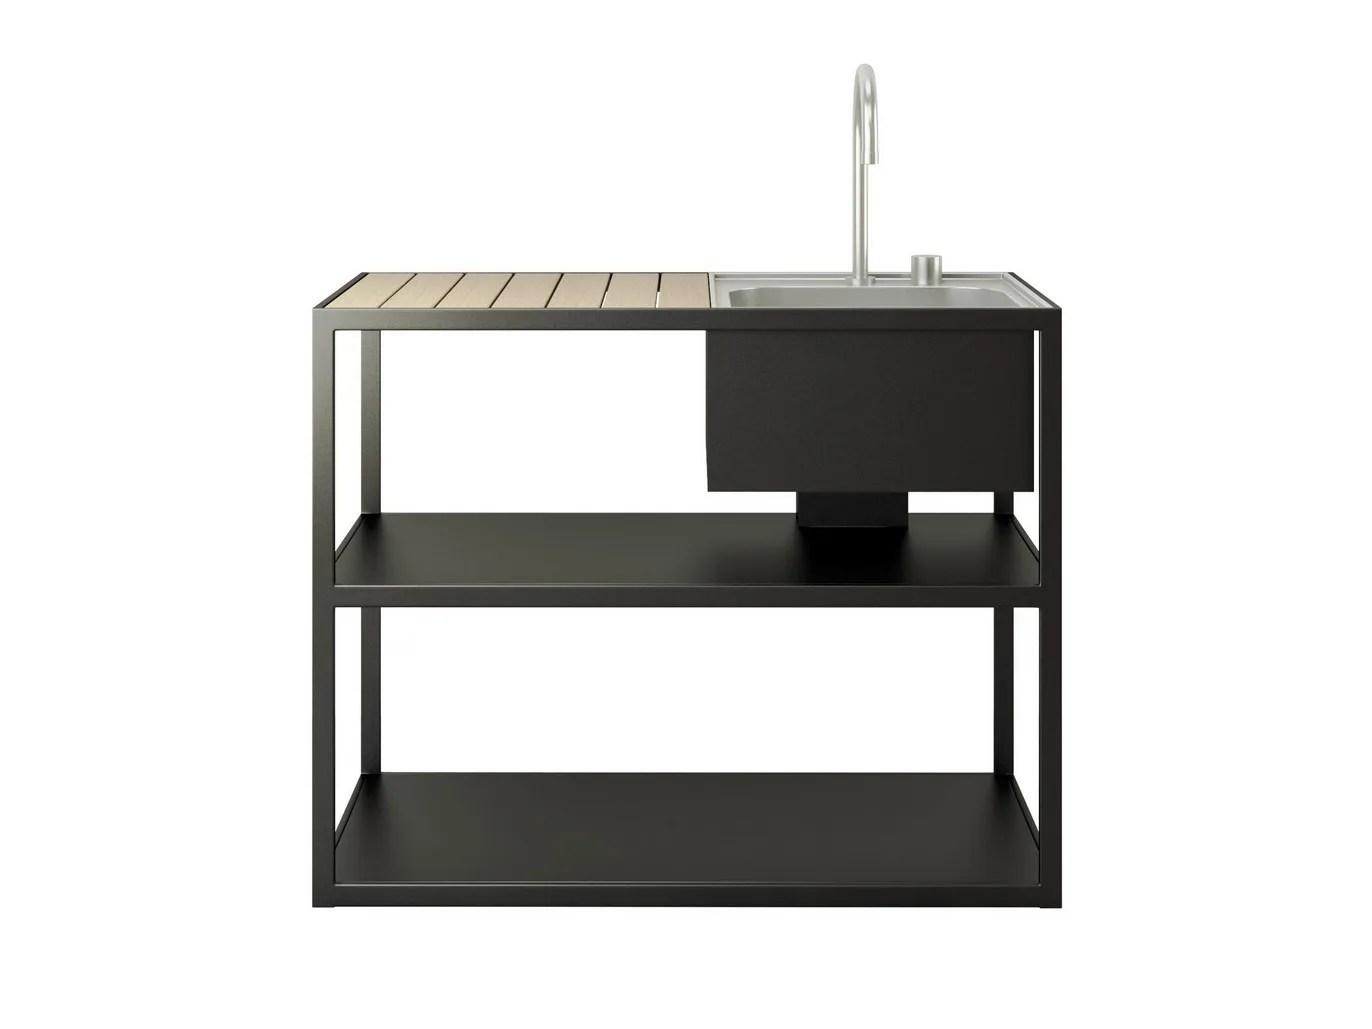 Edelstahltüren Für Outdoor Küche : Freistehende outdoor küche outdoorküche mit schiefer arbeitsplatten